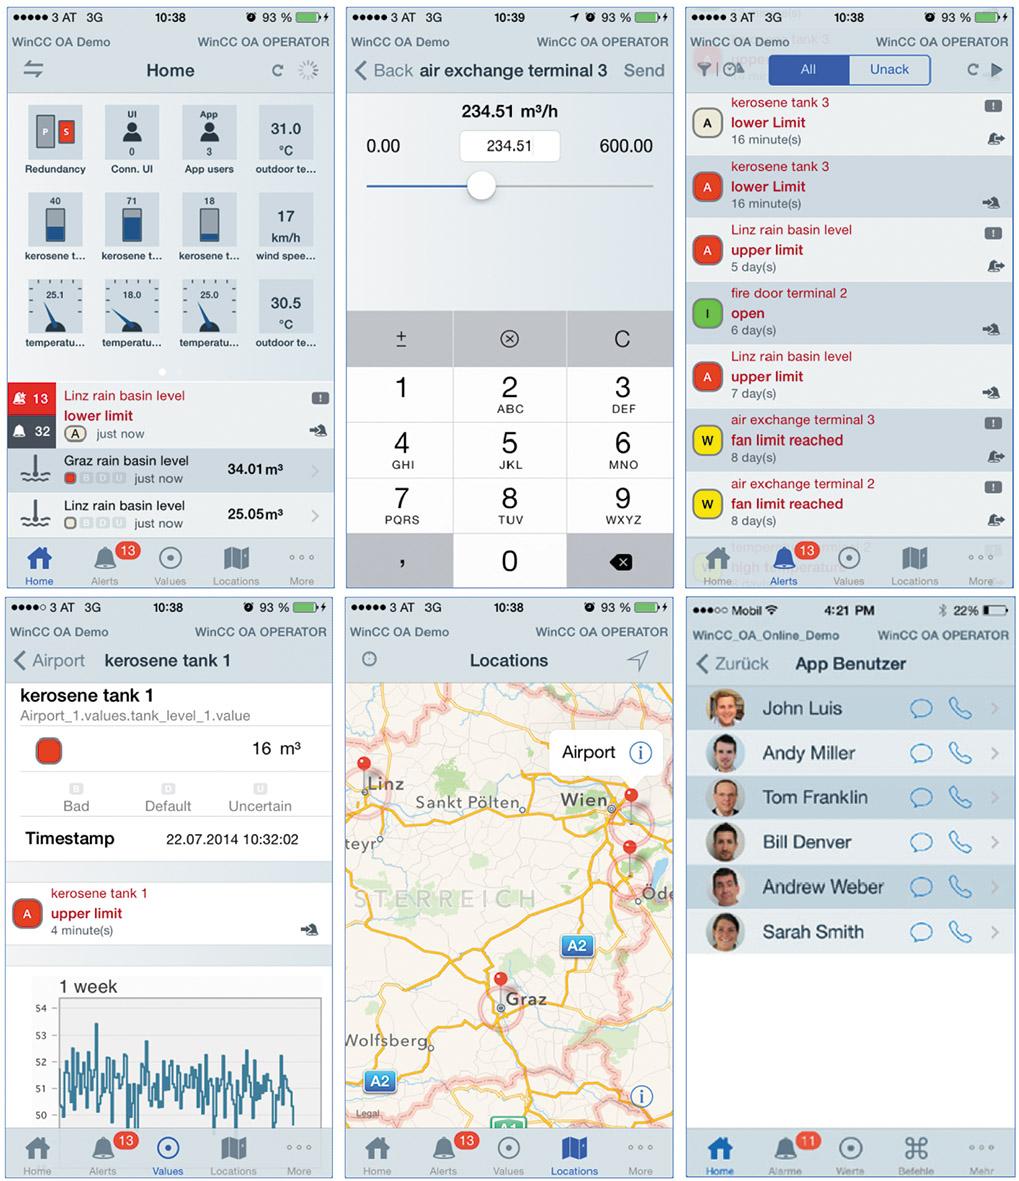 Рис. 4. Примеры внешнего вида экранов приложения WinCC OA OPERATOR